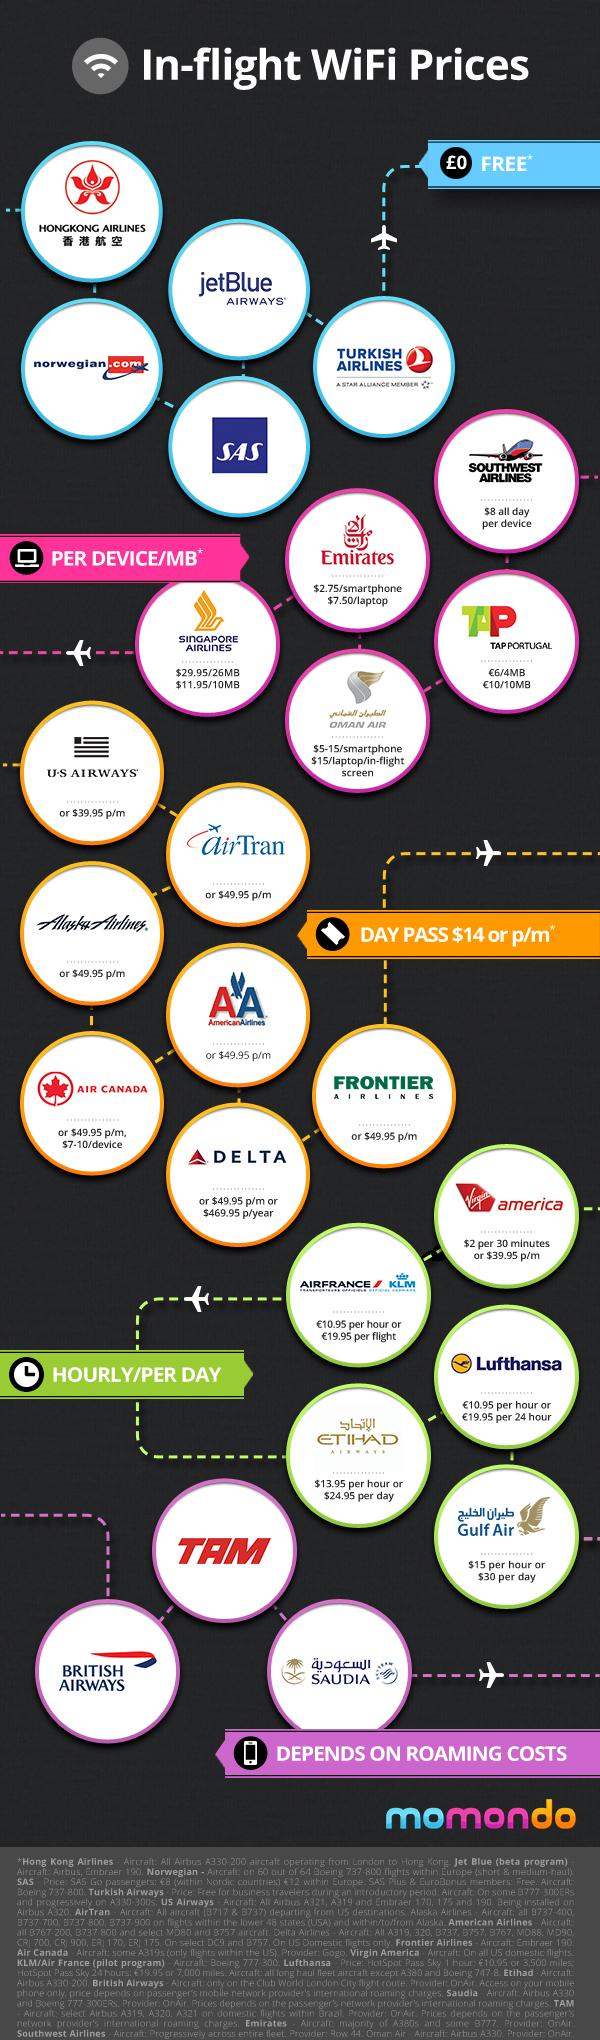 El precio de la WiFi en los aviones